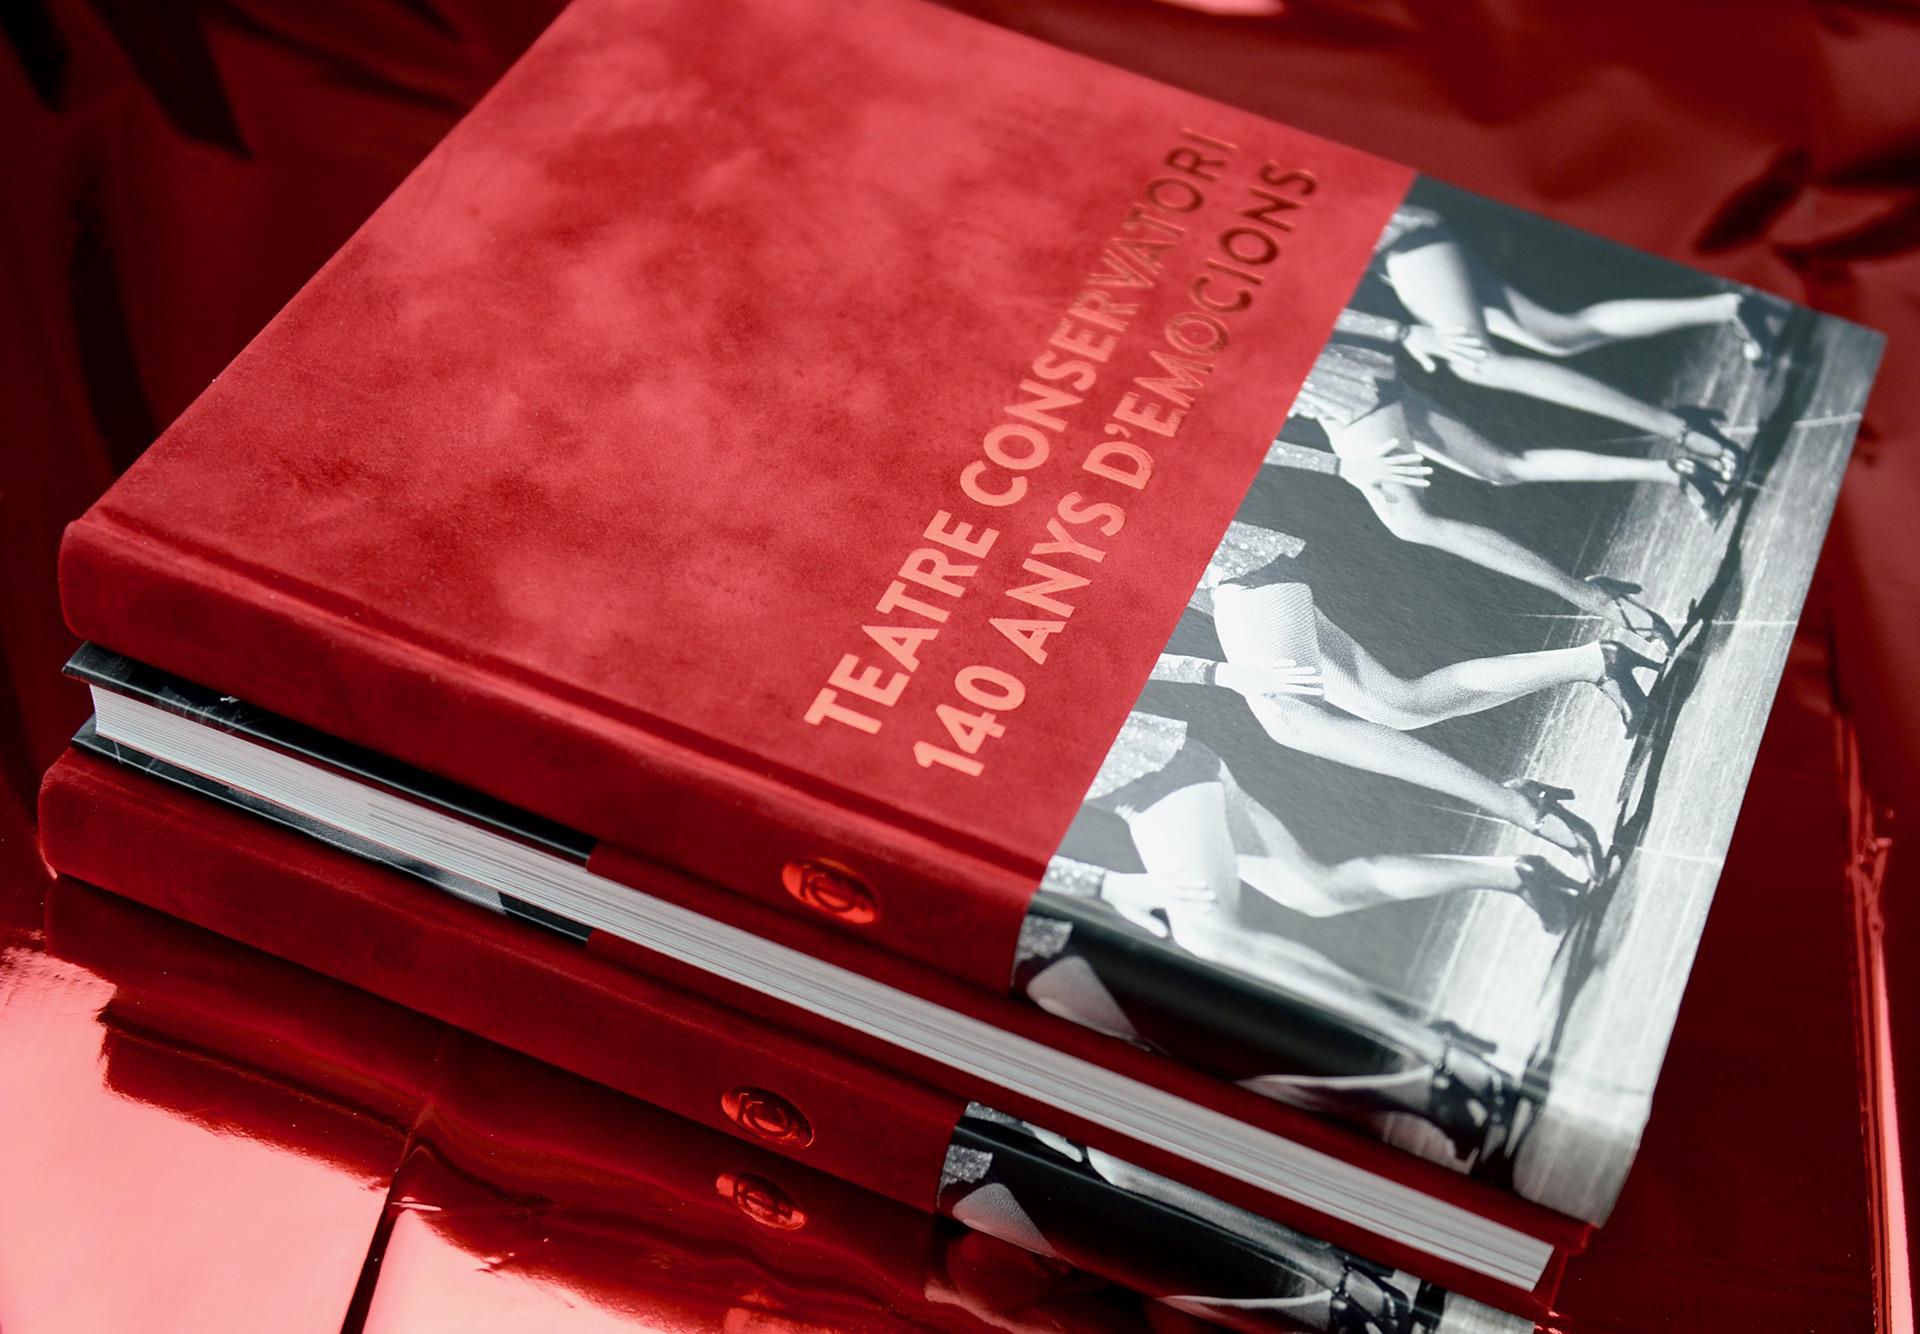 Libro especial Teatre Conservatori Manresa con tapa dura mixta, lomo redondo y stamping rojo metalizado